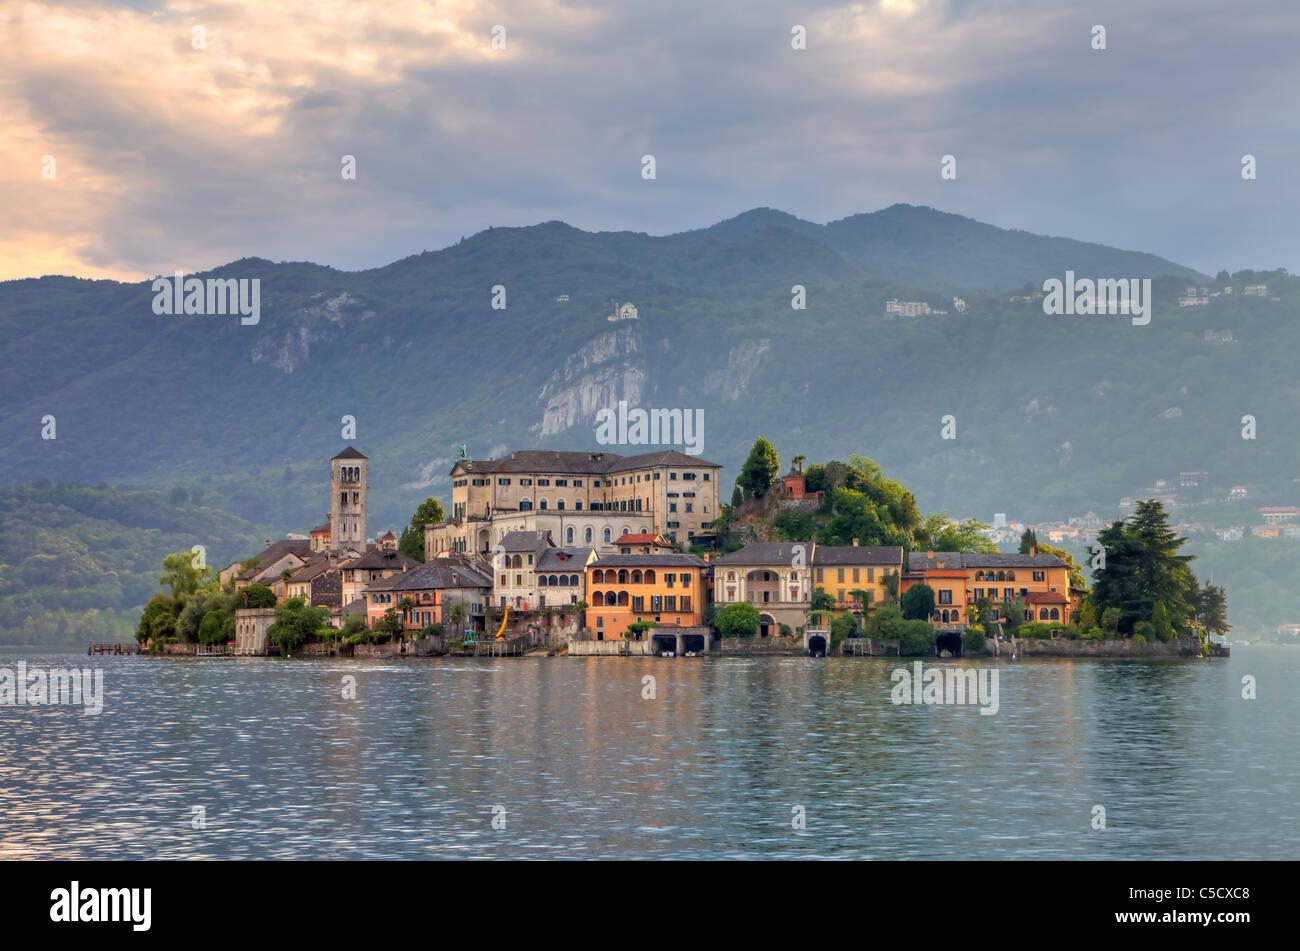 the island of San Giulio on Lake Orta in the evening sun Stock Photo